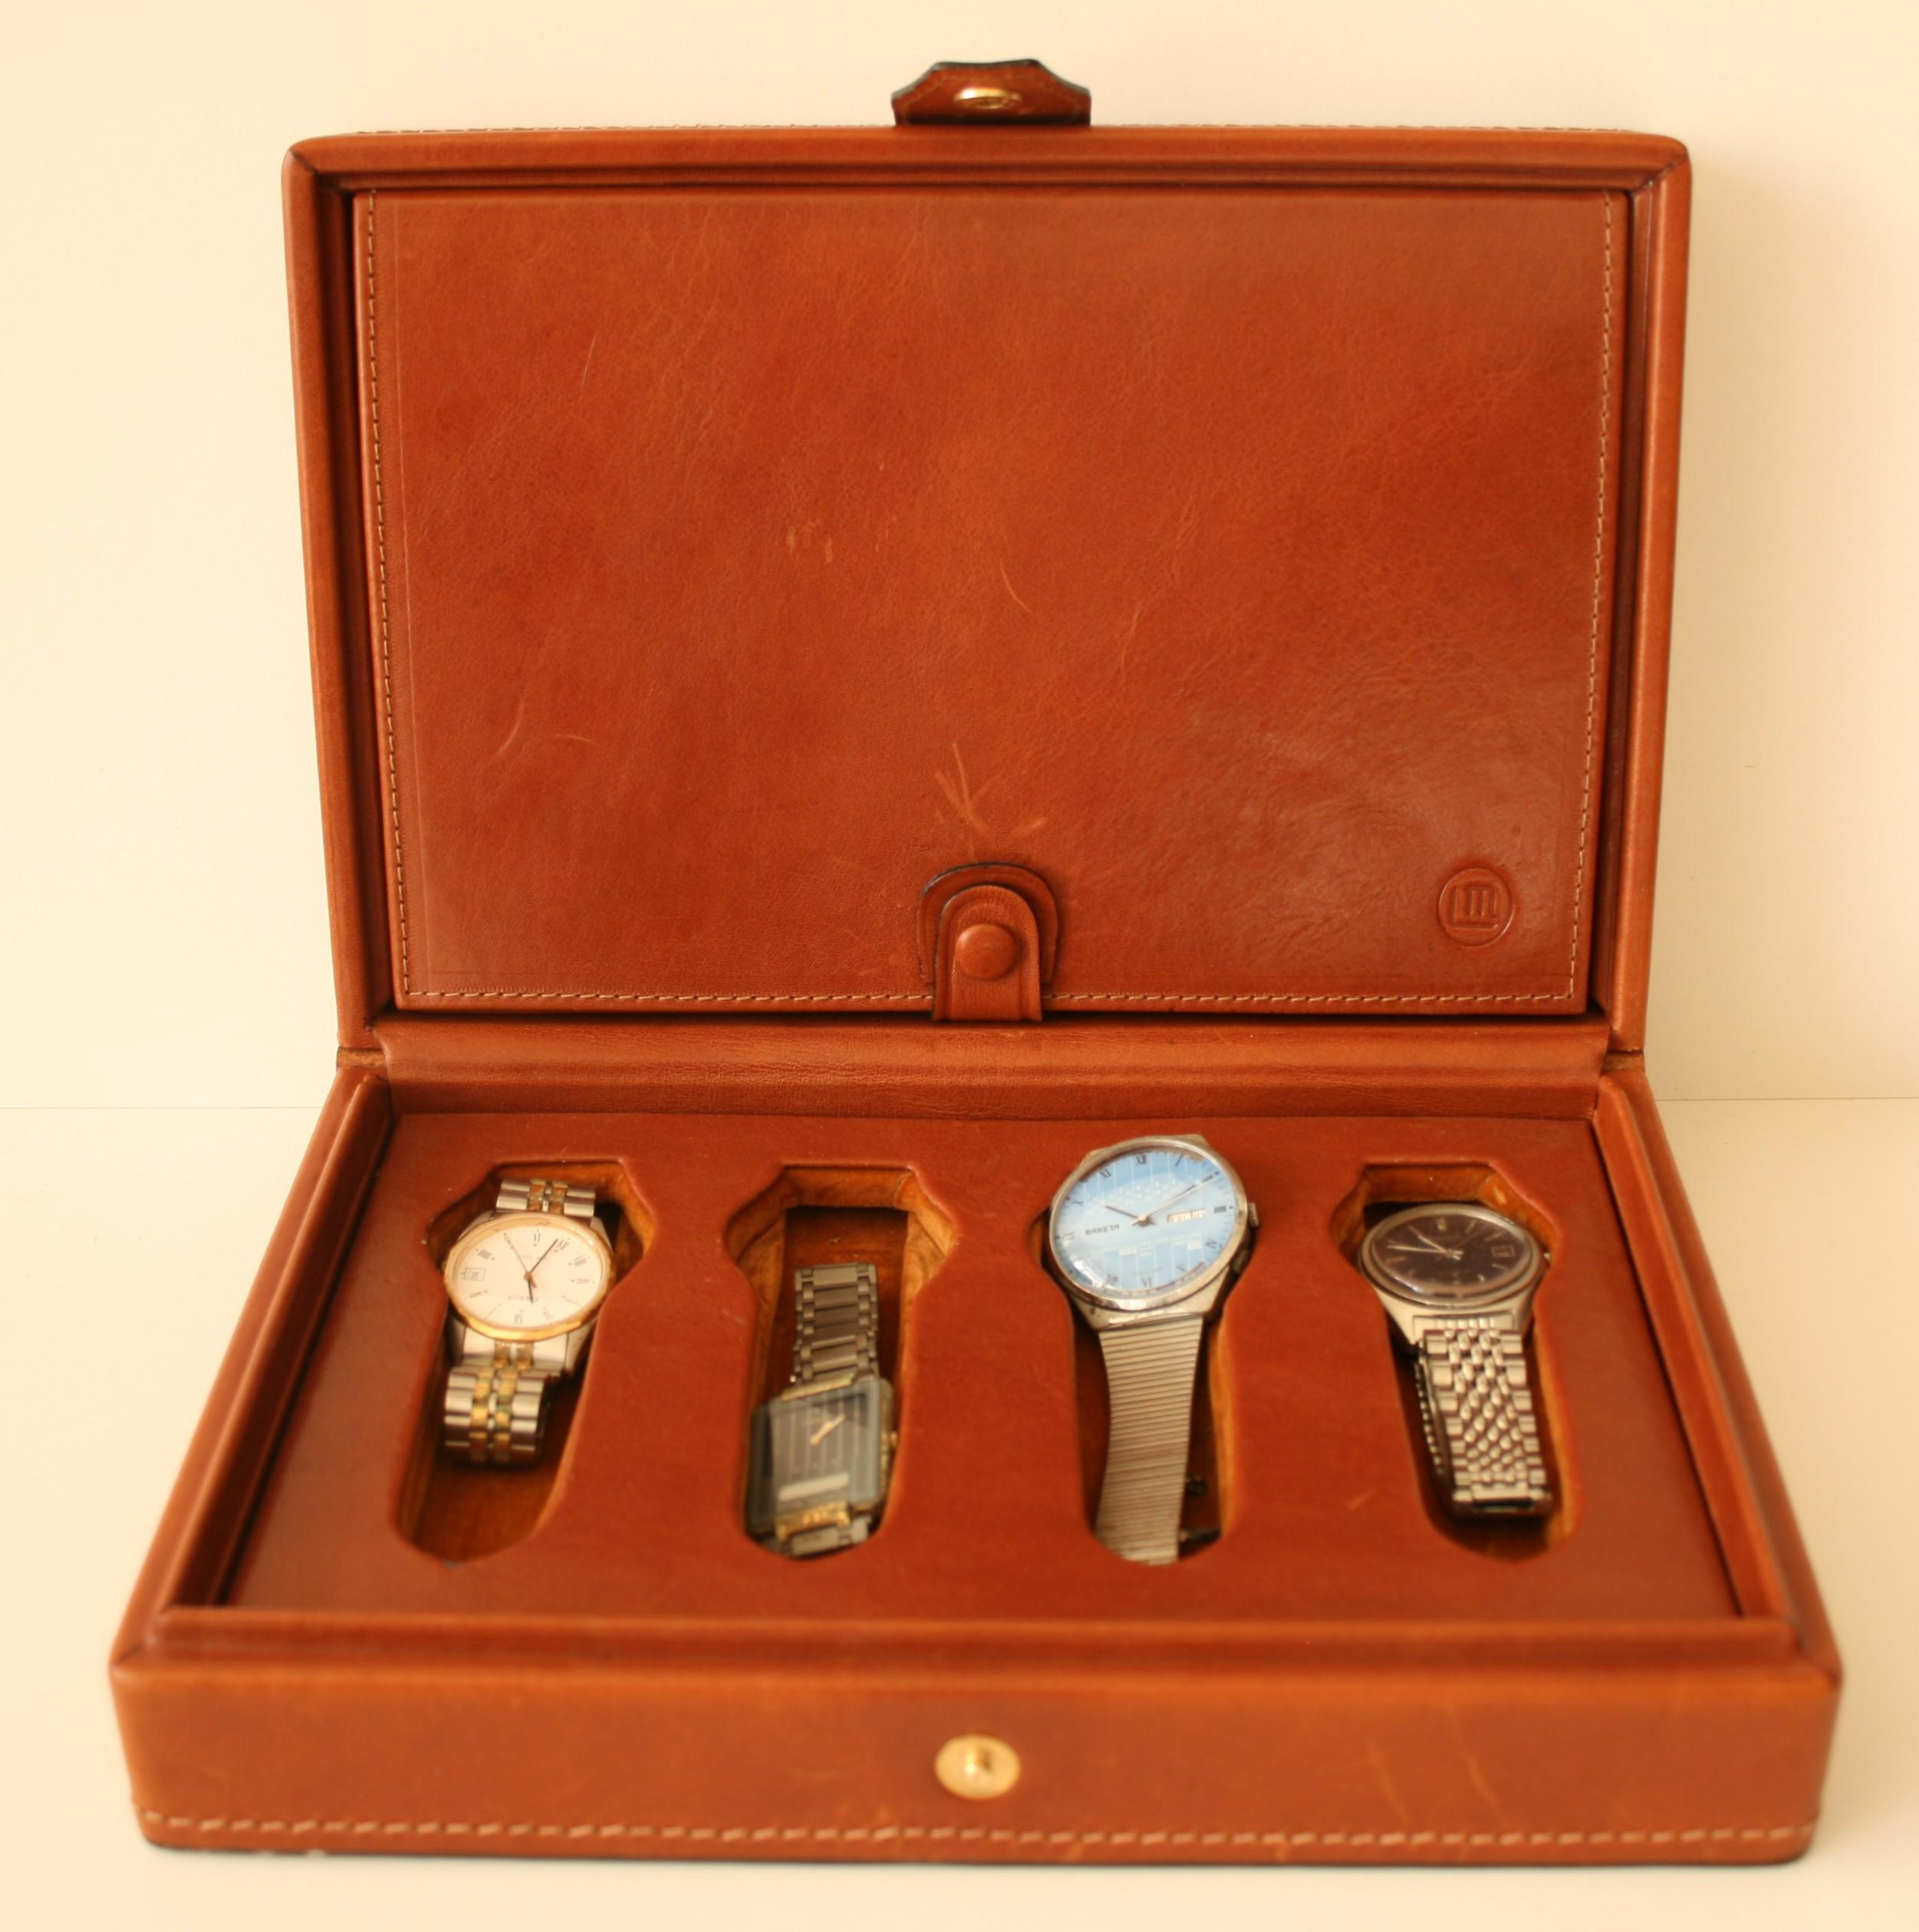 Lot 49 - Boîte de rangement pour 8 montres, plein cuir brun - Dimensions : 18 x 27 x 8 cm - [...]